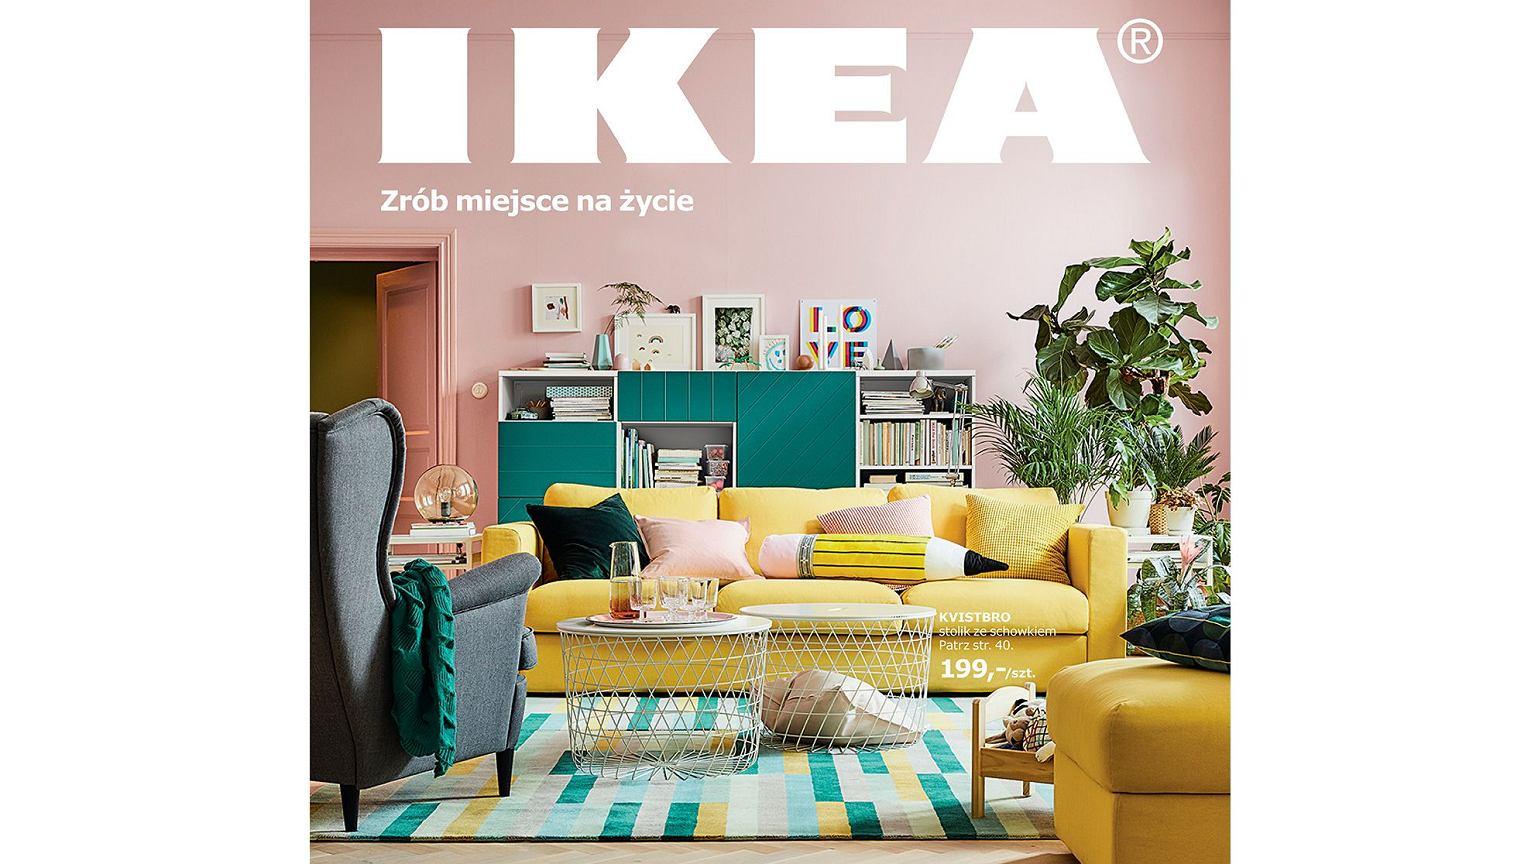 ycie to zmiany zr b na nie miejsce nowy katalog ikea. Black Bedroom Furniture Sets. Home Design Ideas